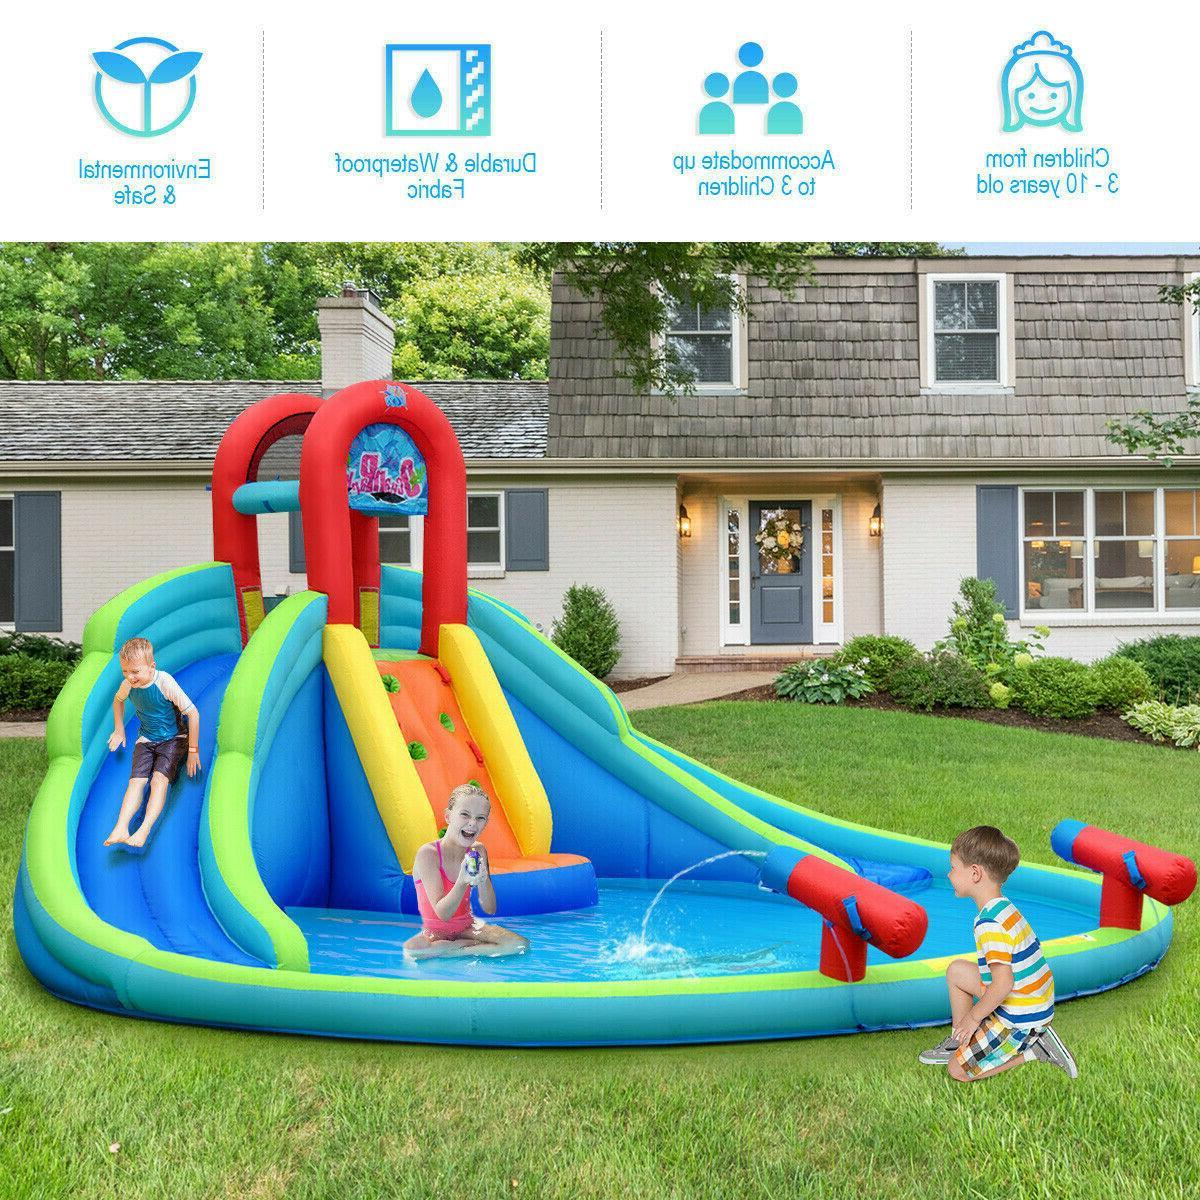 Inflatable Water Slide Triple Pool Kid Park Backyard